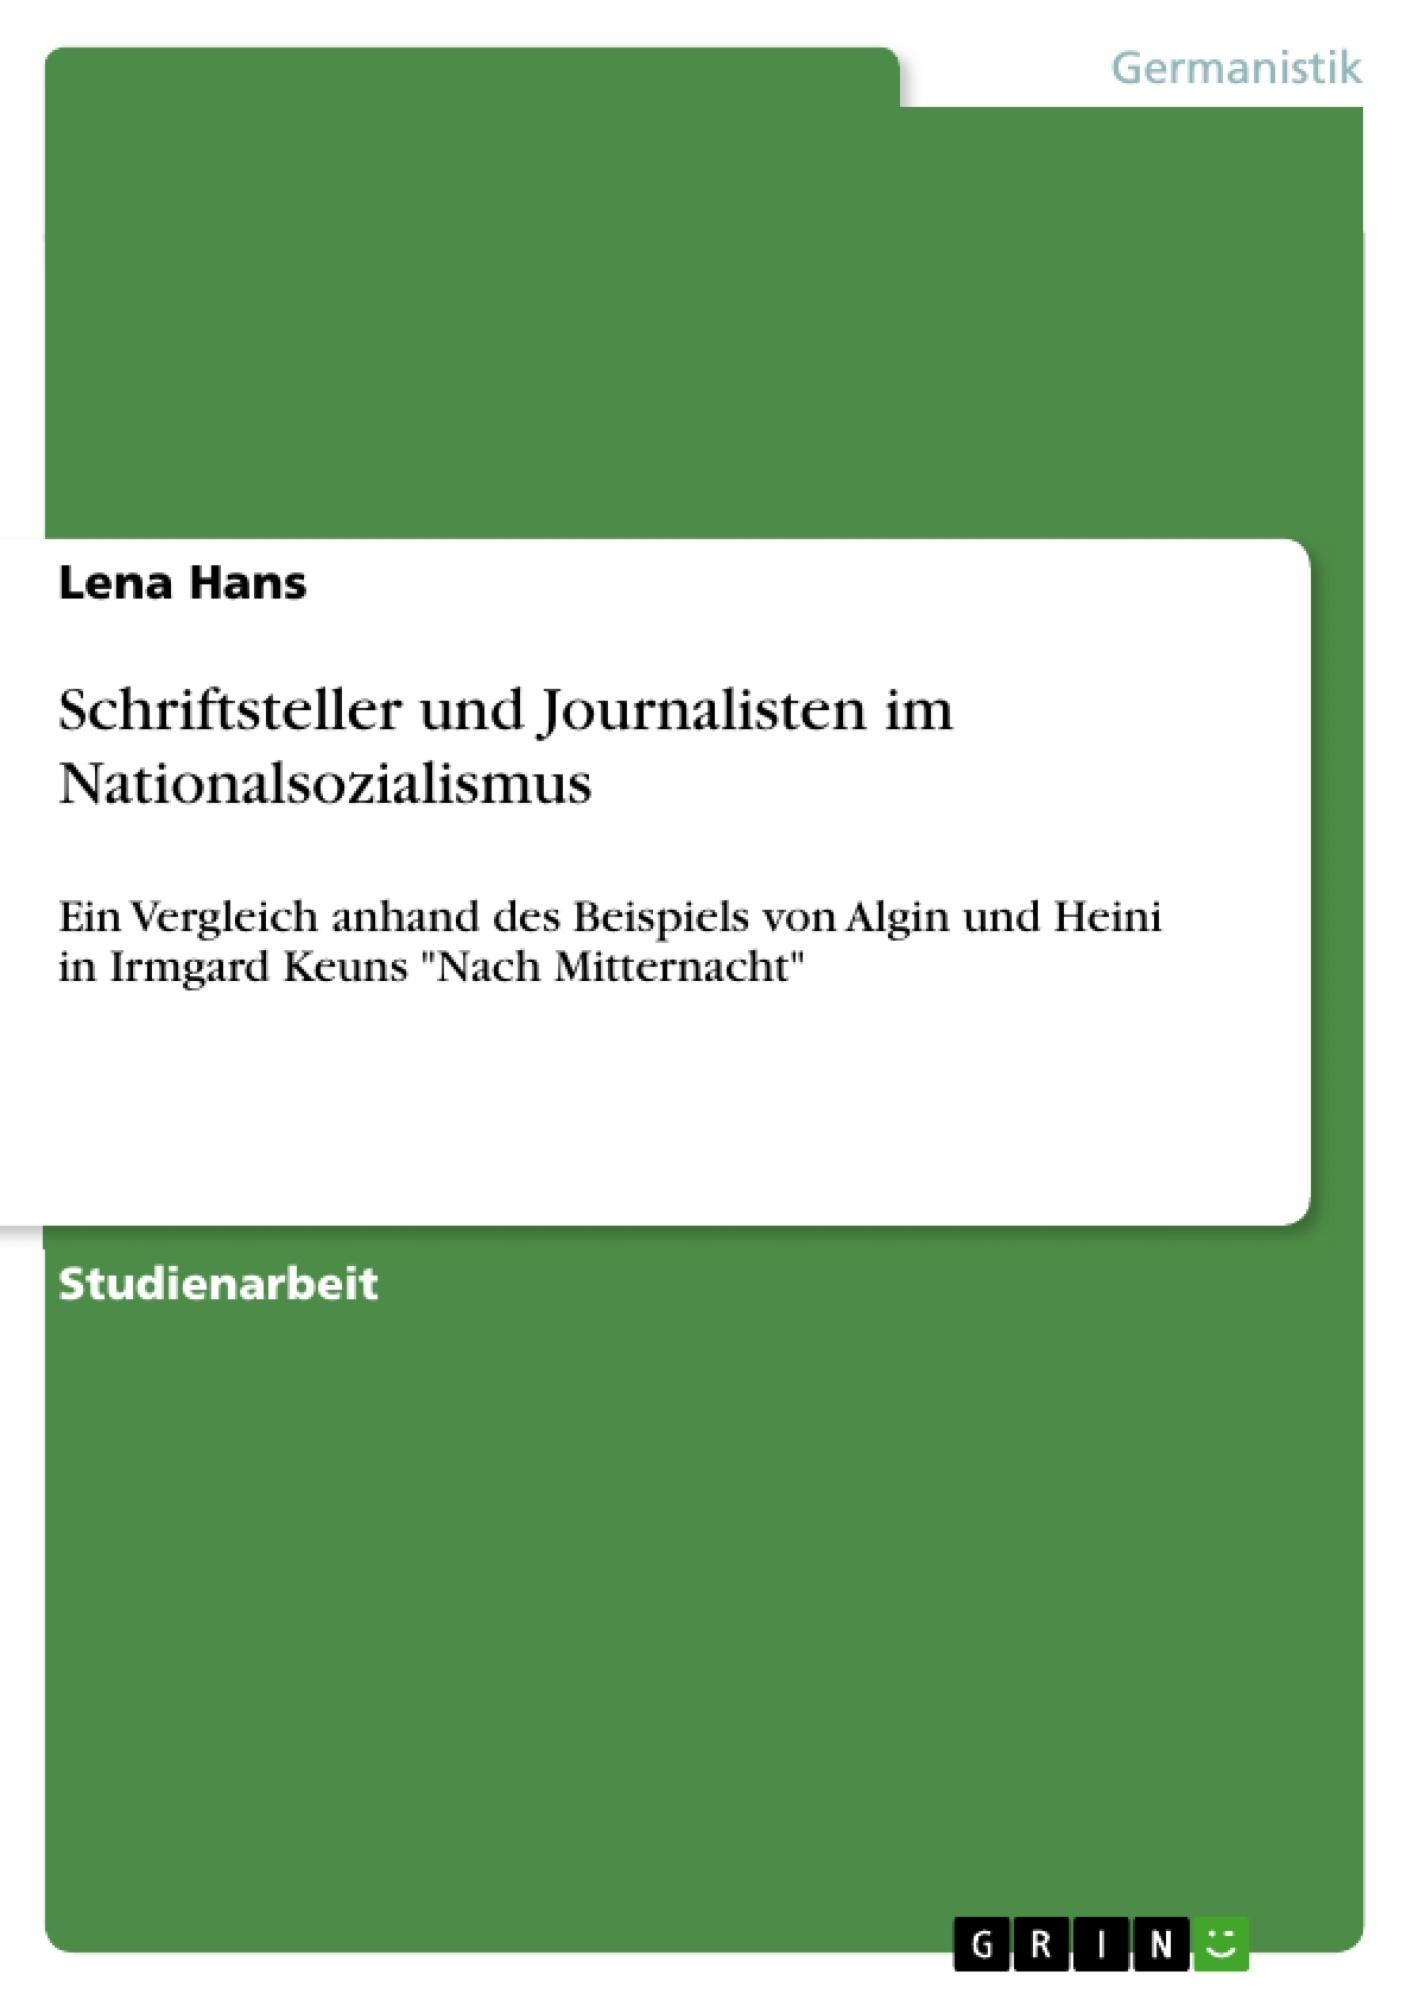 Titel: Schriftsteller und Journalisten im Nationalsozialismus